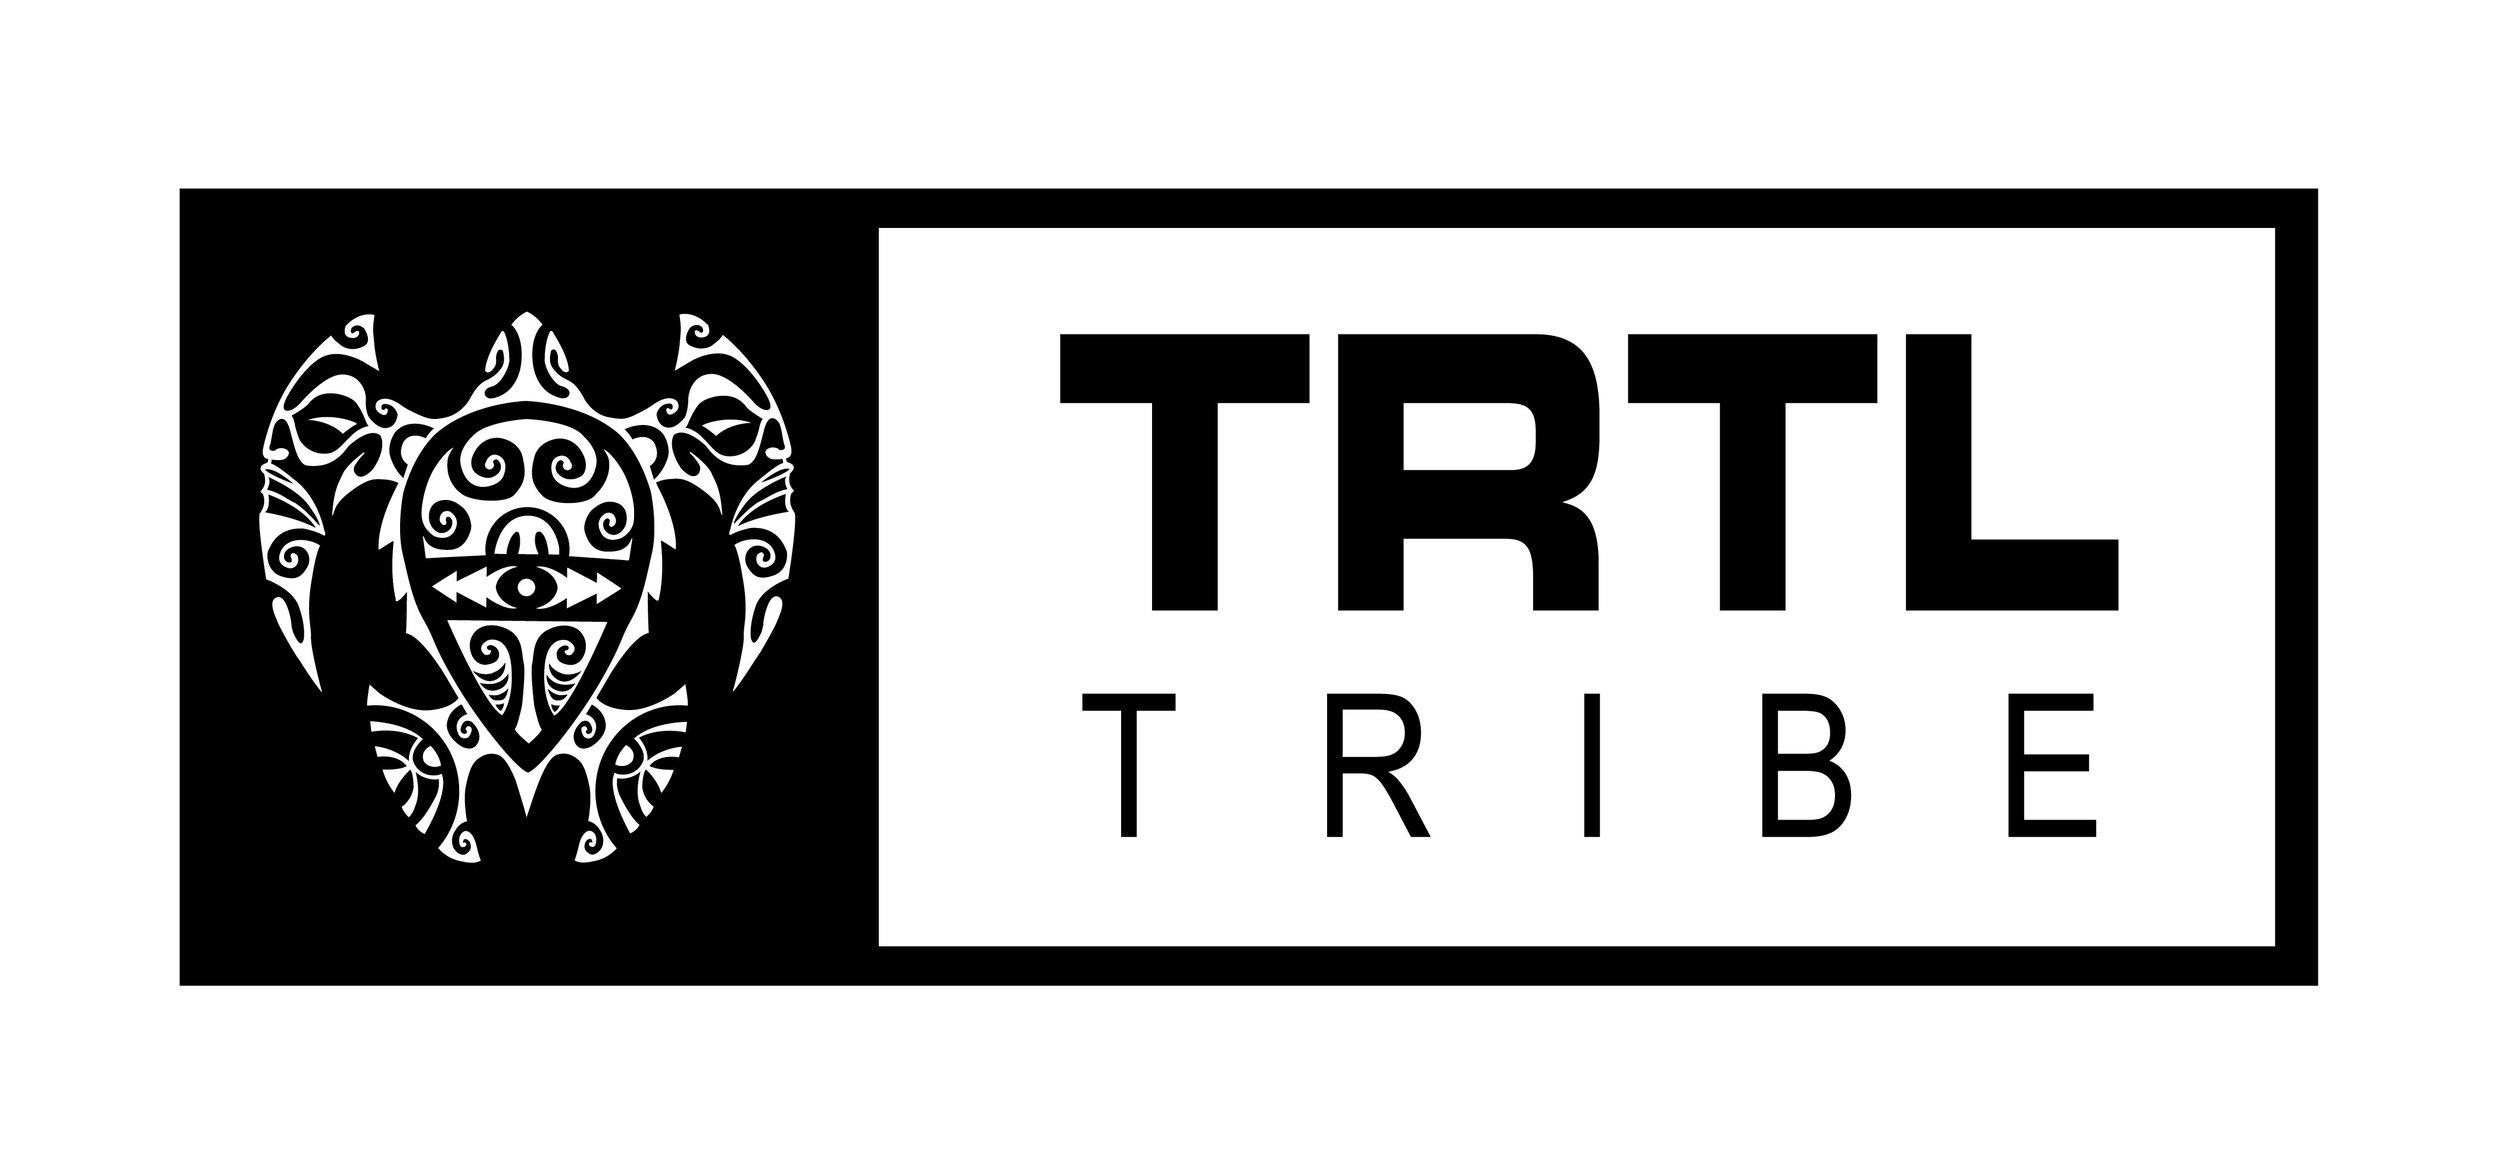 TRTL_LOGO_SQUARE-SIGN.jpg